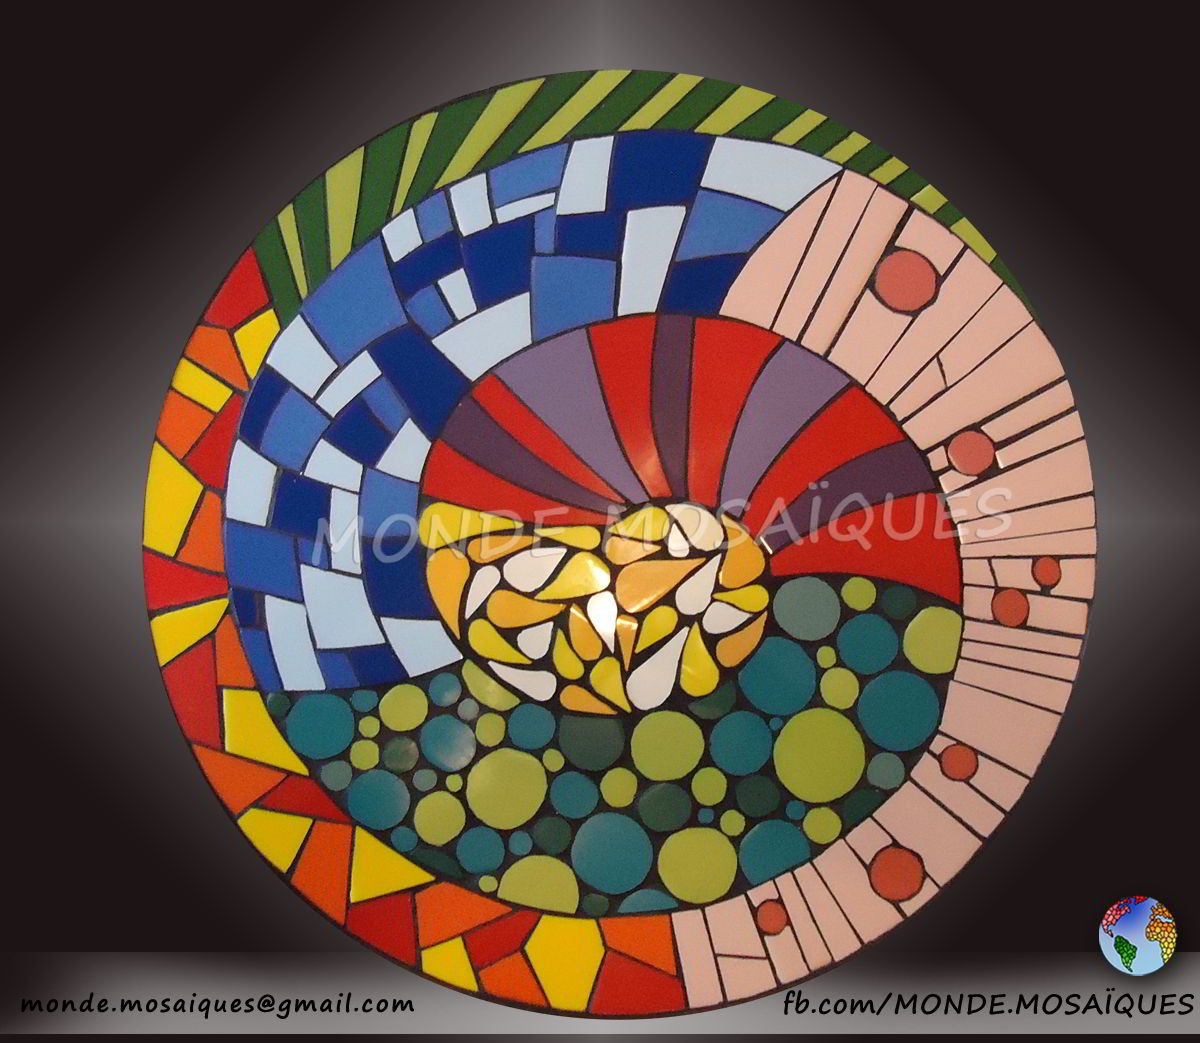 azulejos, espiral, mosaico, exterior